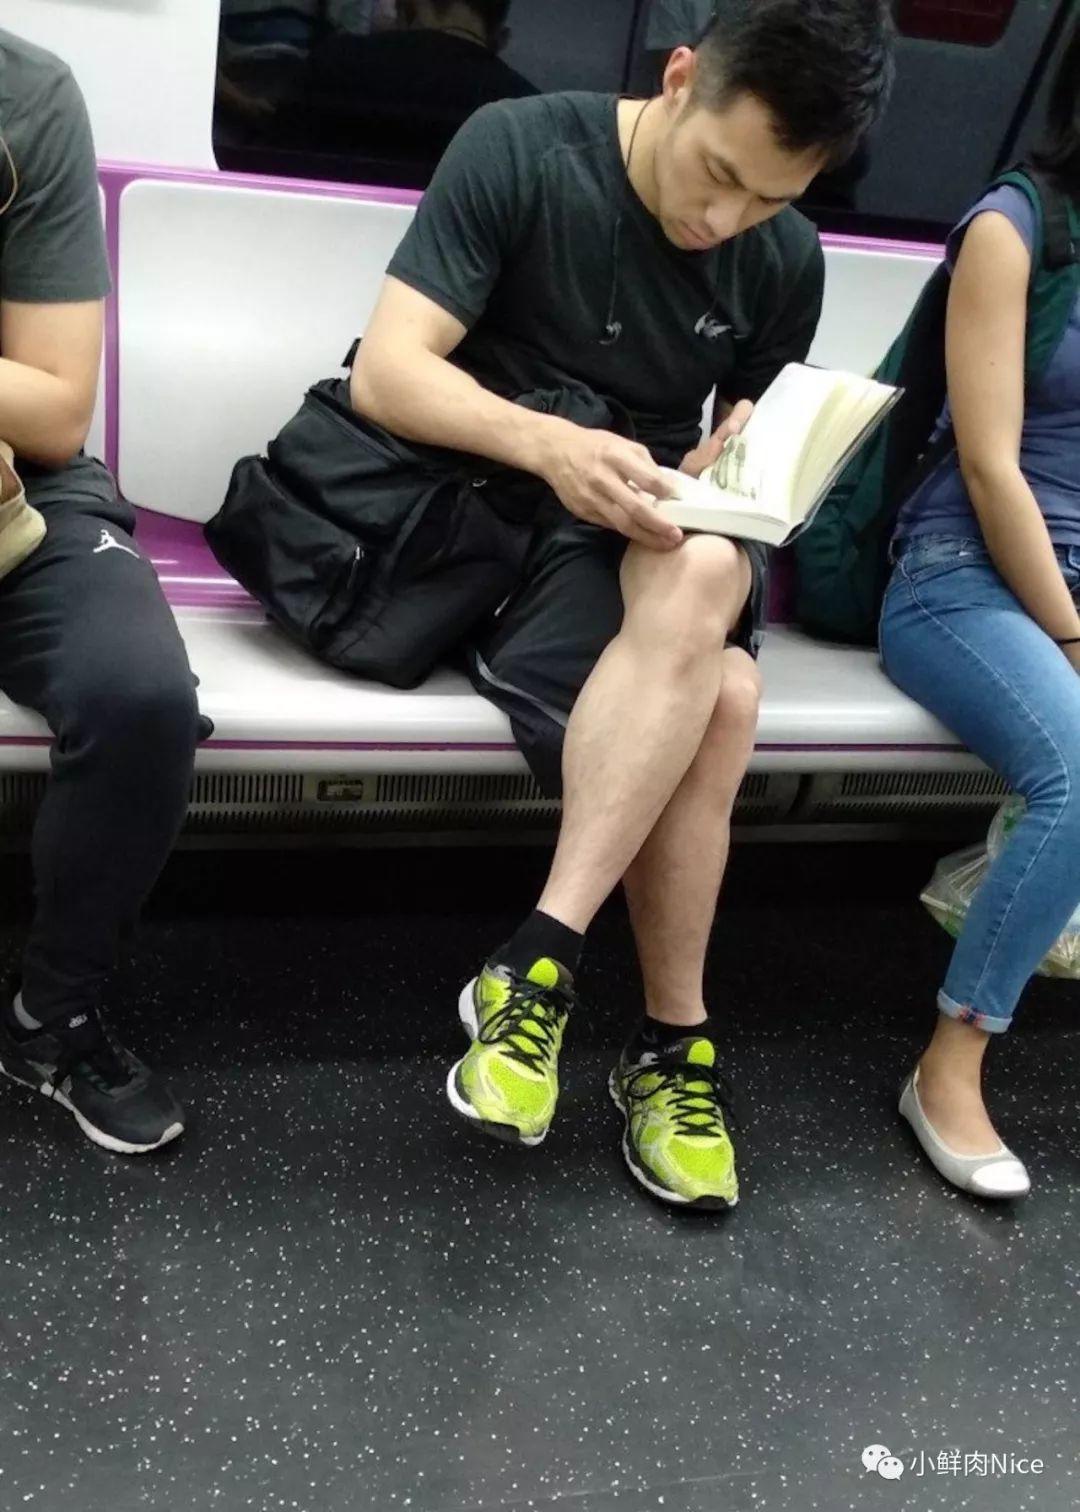 公共交通上的那些帅哥们(第一弹)